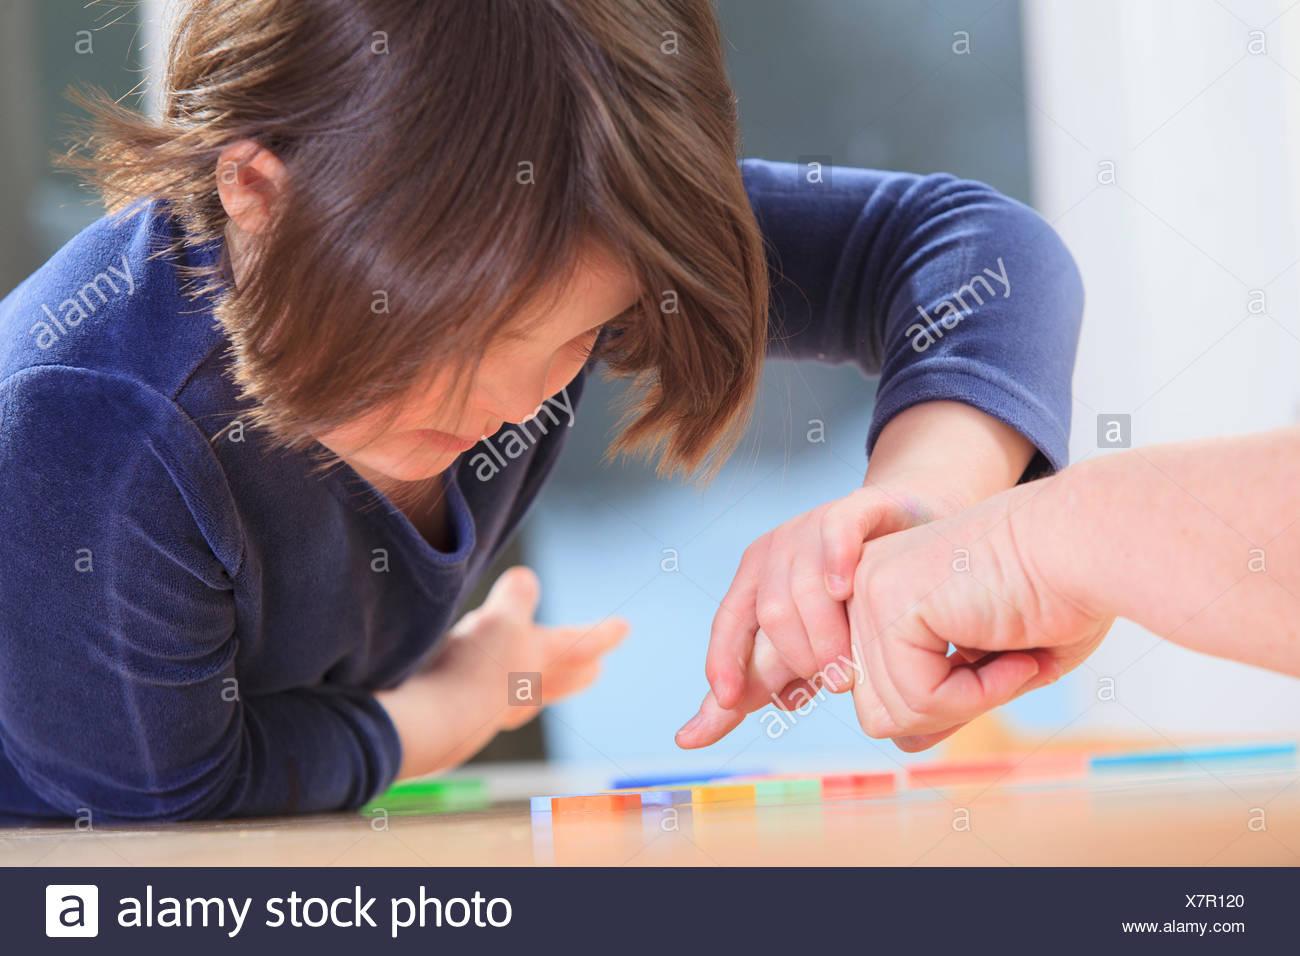 Kleines Mädchen mit Down-Syndrom ein Lernspiel mit ihrer Mutter spielen Stockbild